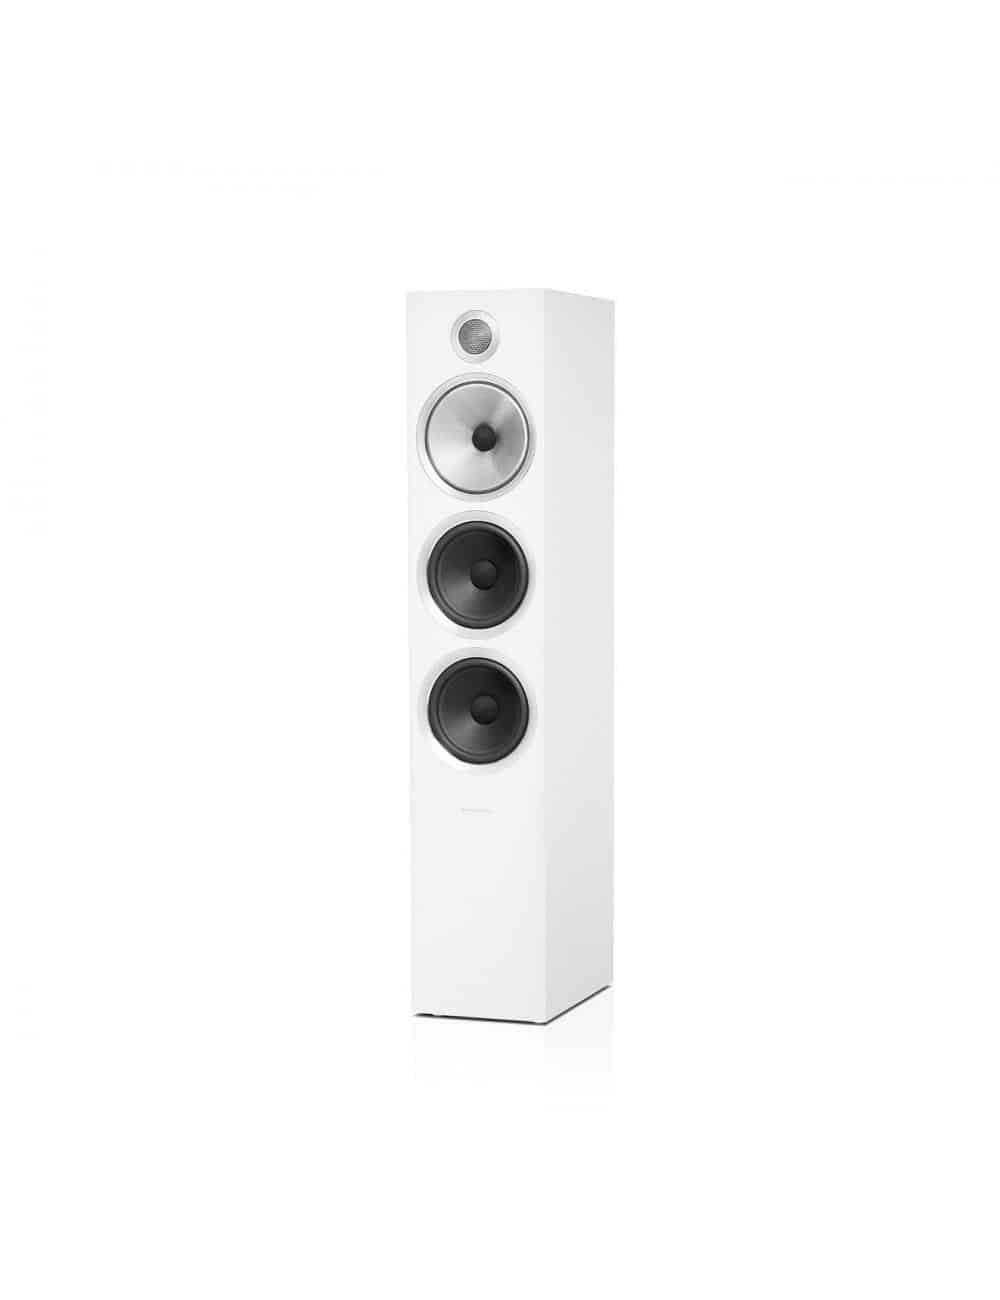 diffusori acustici da pavimento per hifi e home theater, Bowers & Wilkins 703, finitura bianco satinato